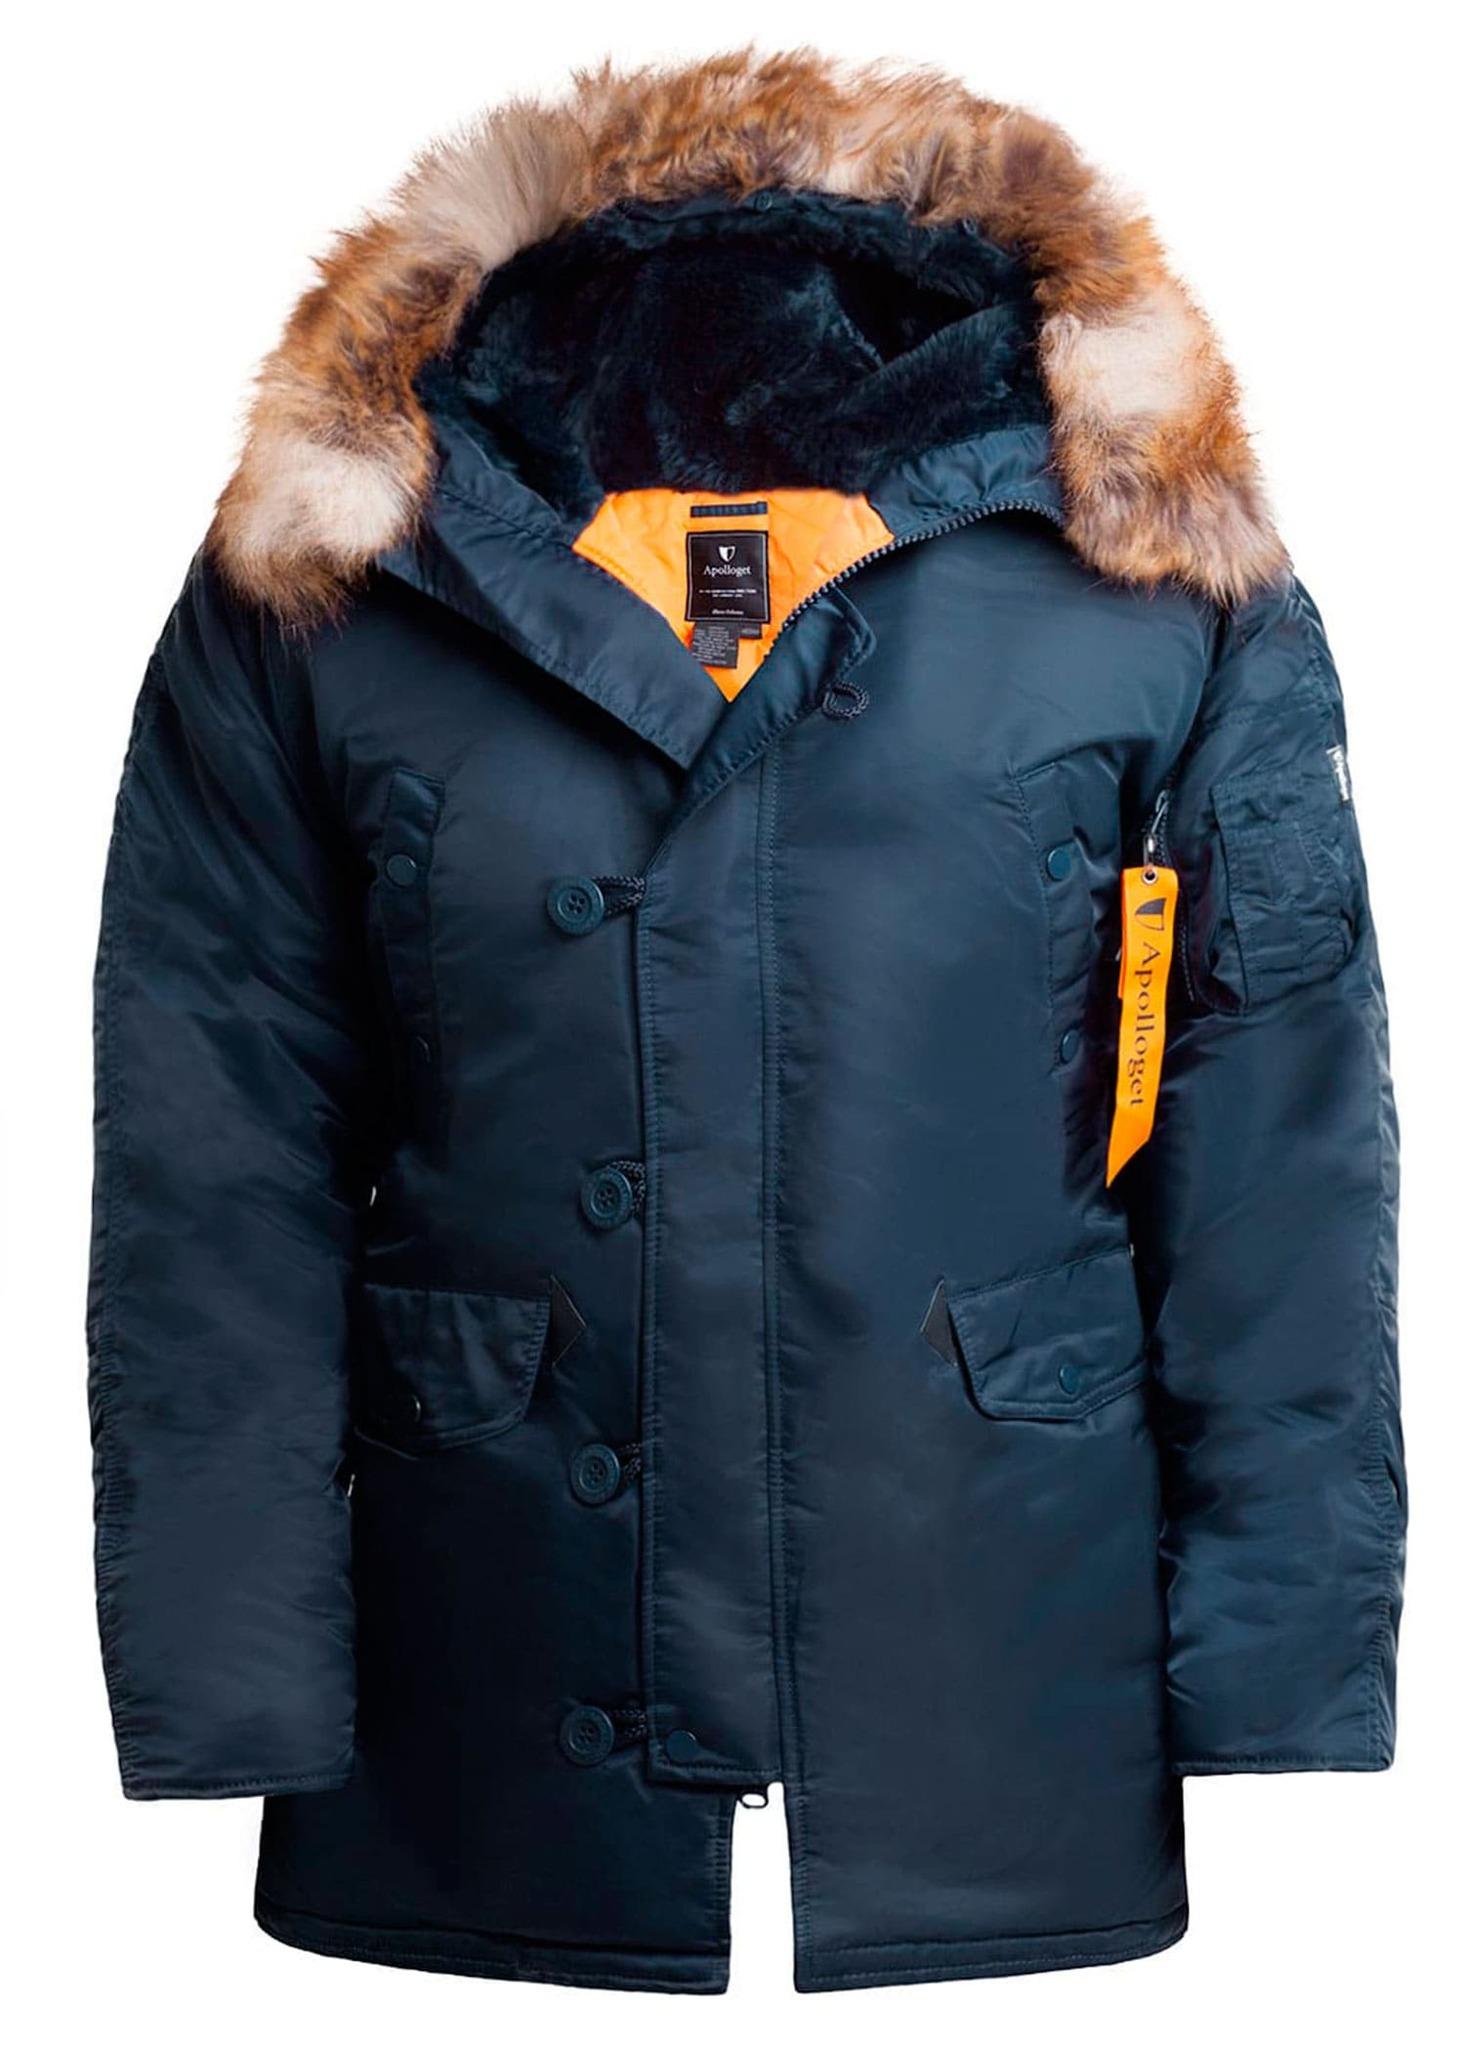 Куртка Аляска  N-3B  Husky Nord Storm 2019 (синий - r.blue/orange)